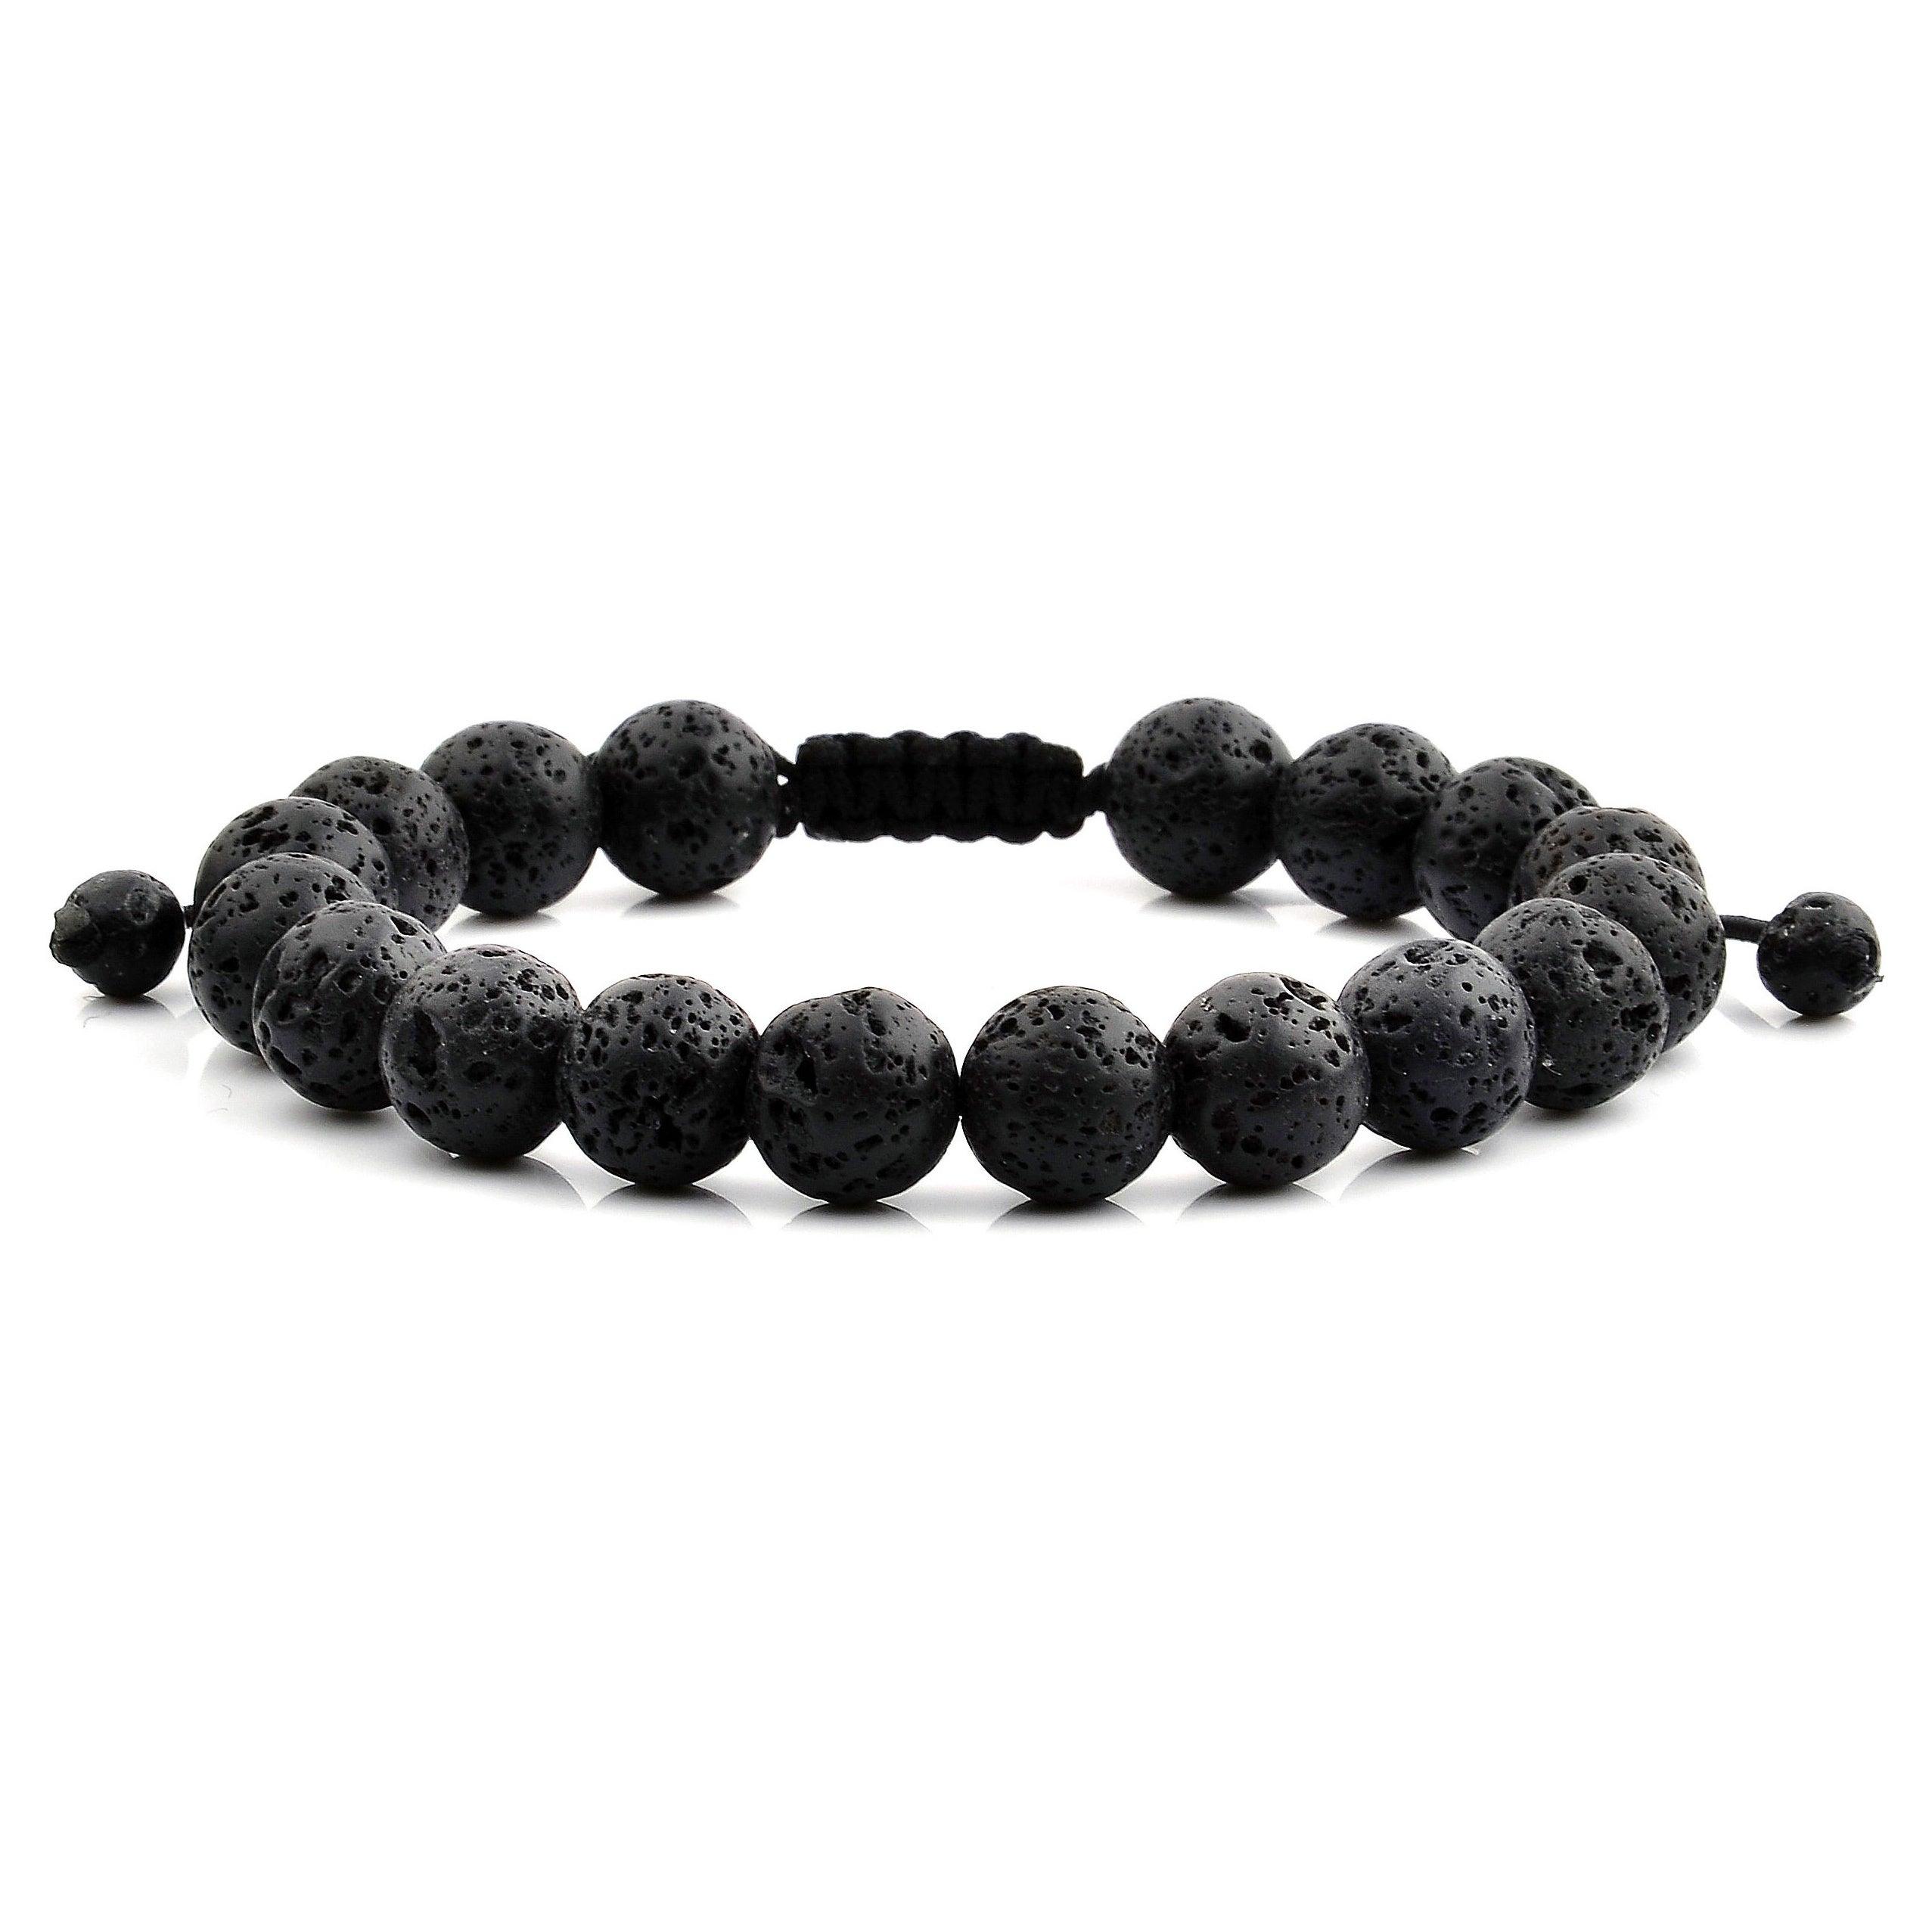 unisex bracelet mens bracelet adjustable bracelet black lava stone beaded bracelet bracelet for men mens jewelry gift for dad